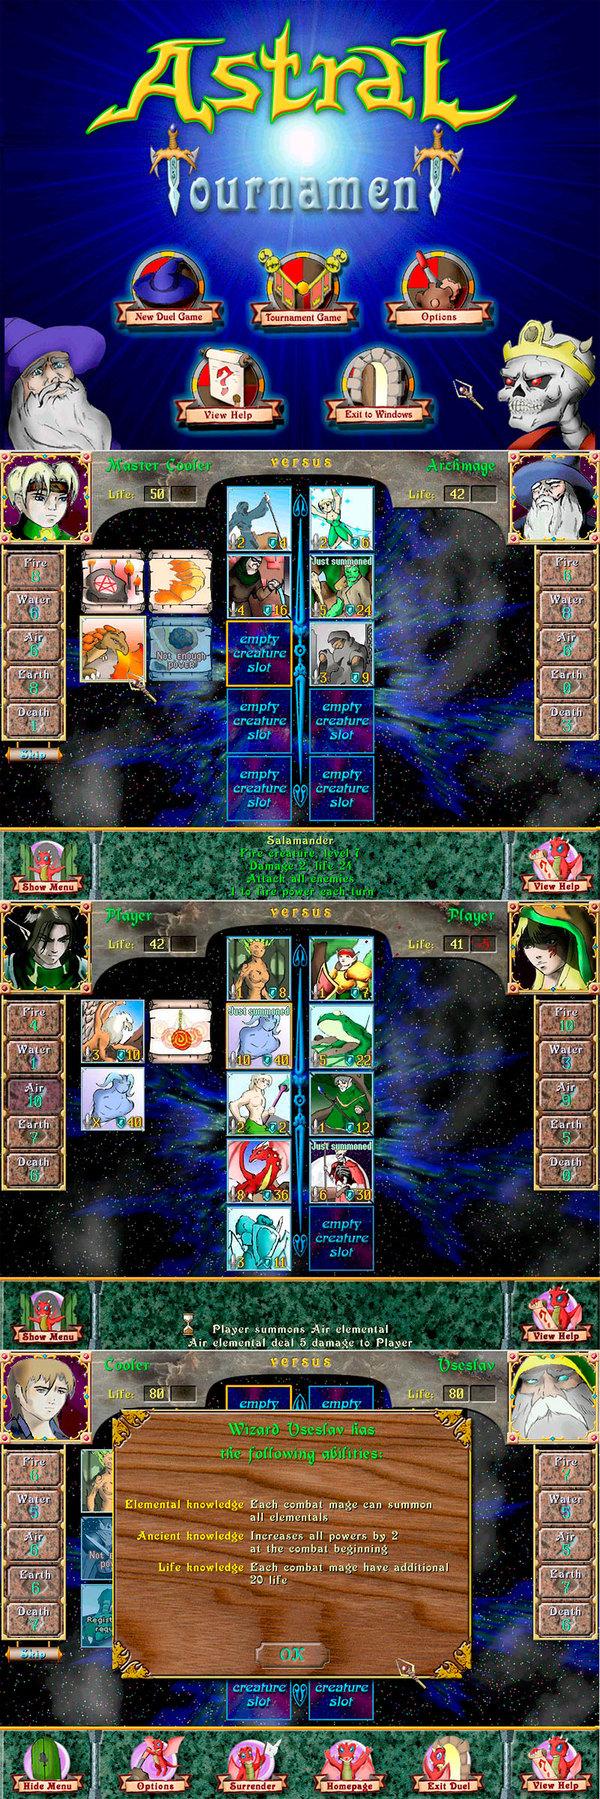 Hearthstone и Gwent моего детства - Помните?) Длиннопост, Карточная игра, Hearthstone, Гвинт, Ностальгия, Игры, Карты, Олдскул